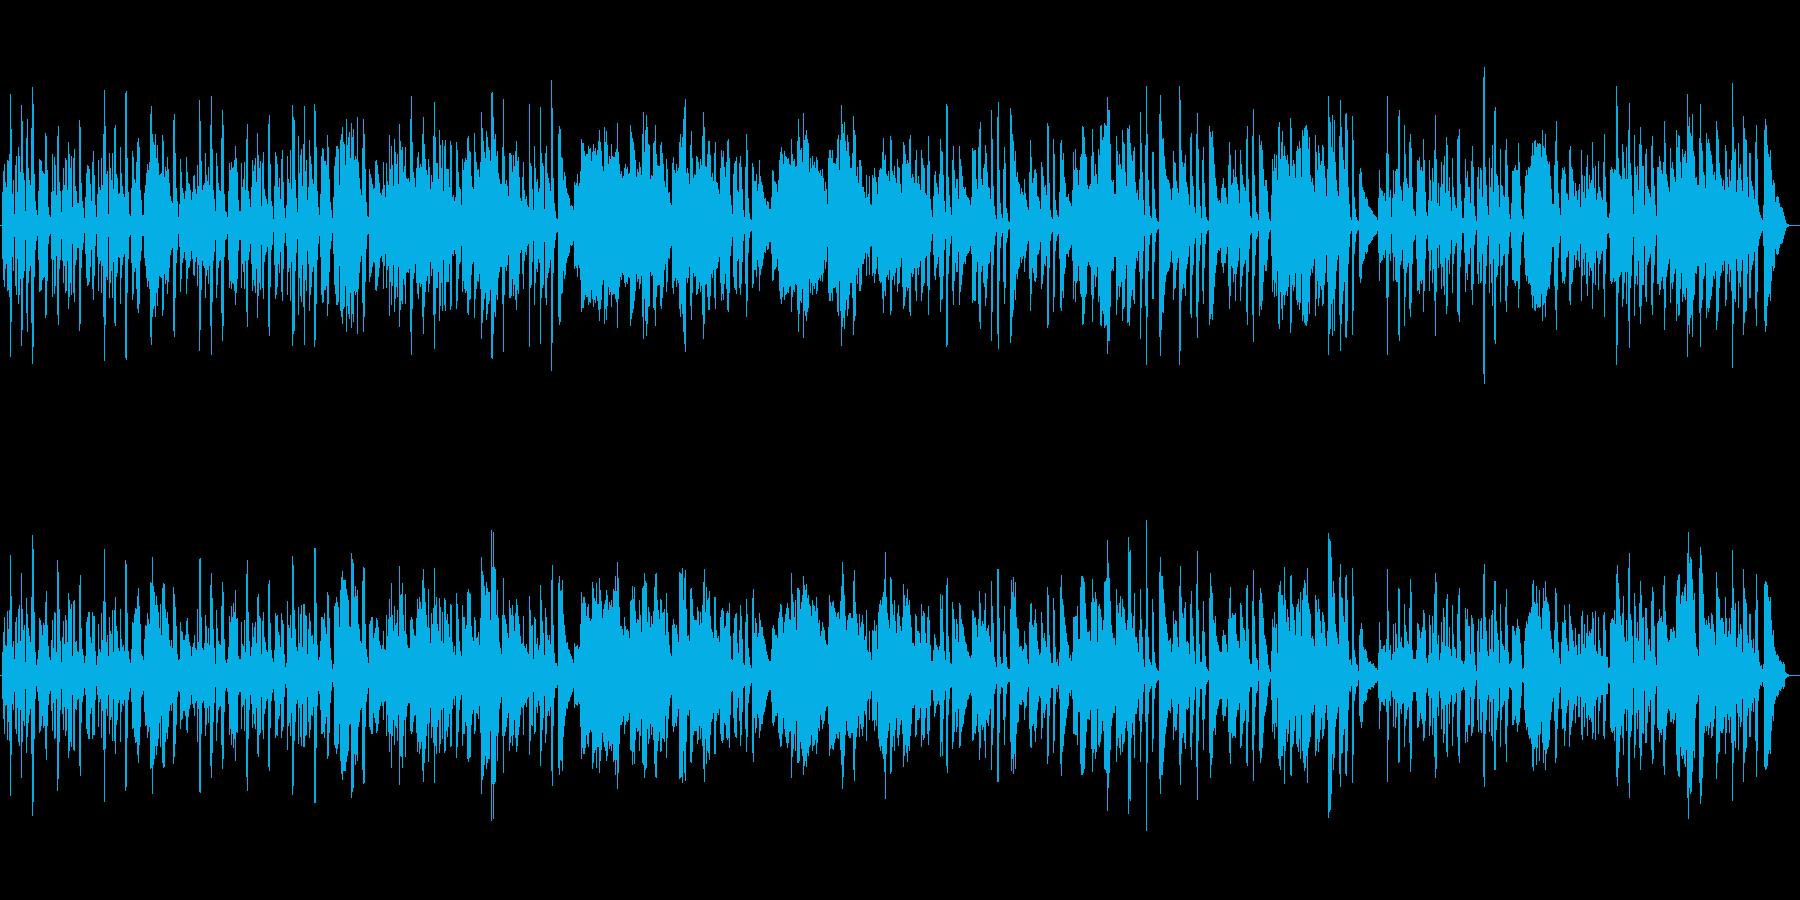 ゴセック「ガヴォット」フルート生演奏の再生済みの波形